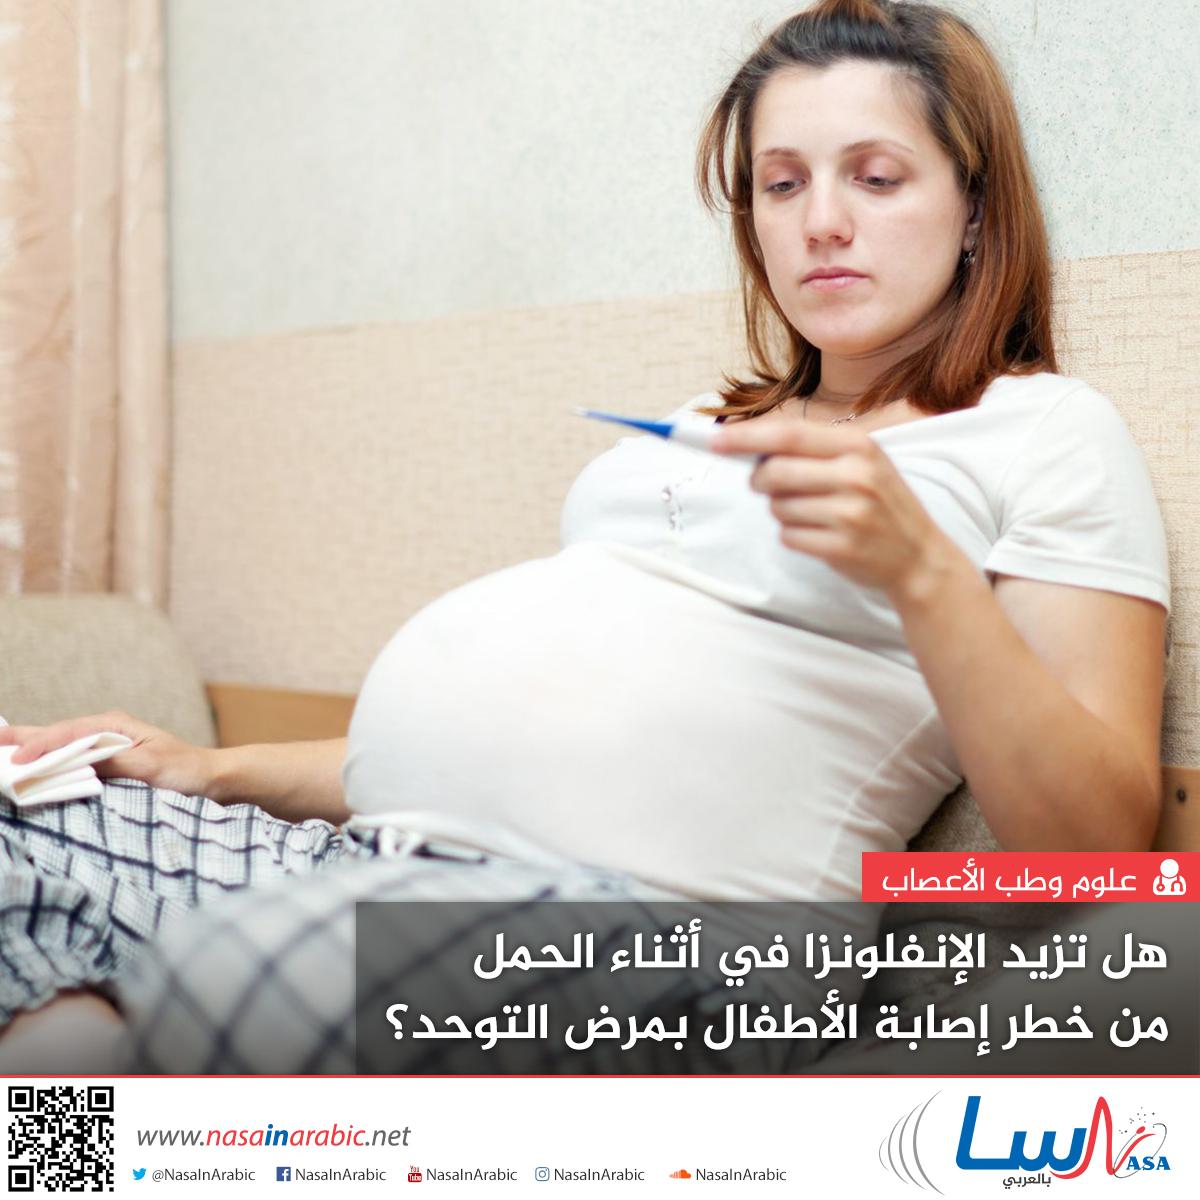 هل تزيد الإنفلونزا في أثناء الحمل من خطر إصابة الأطفال بمرض التوحد؟